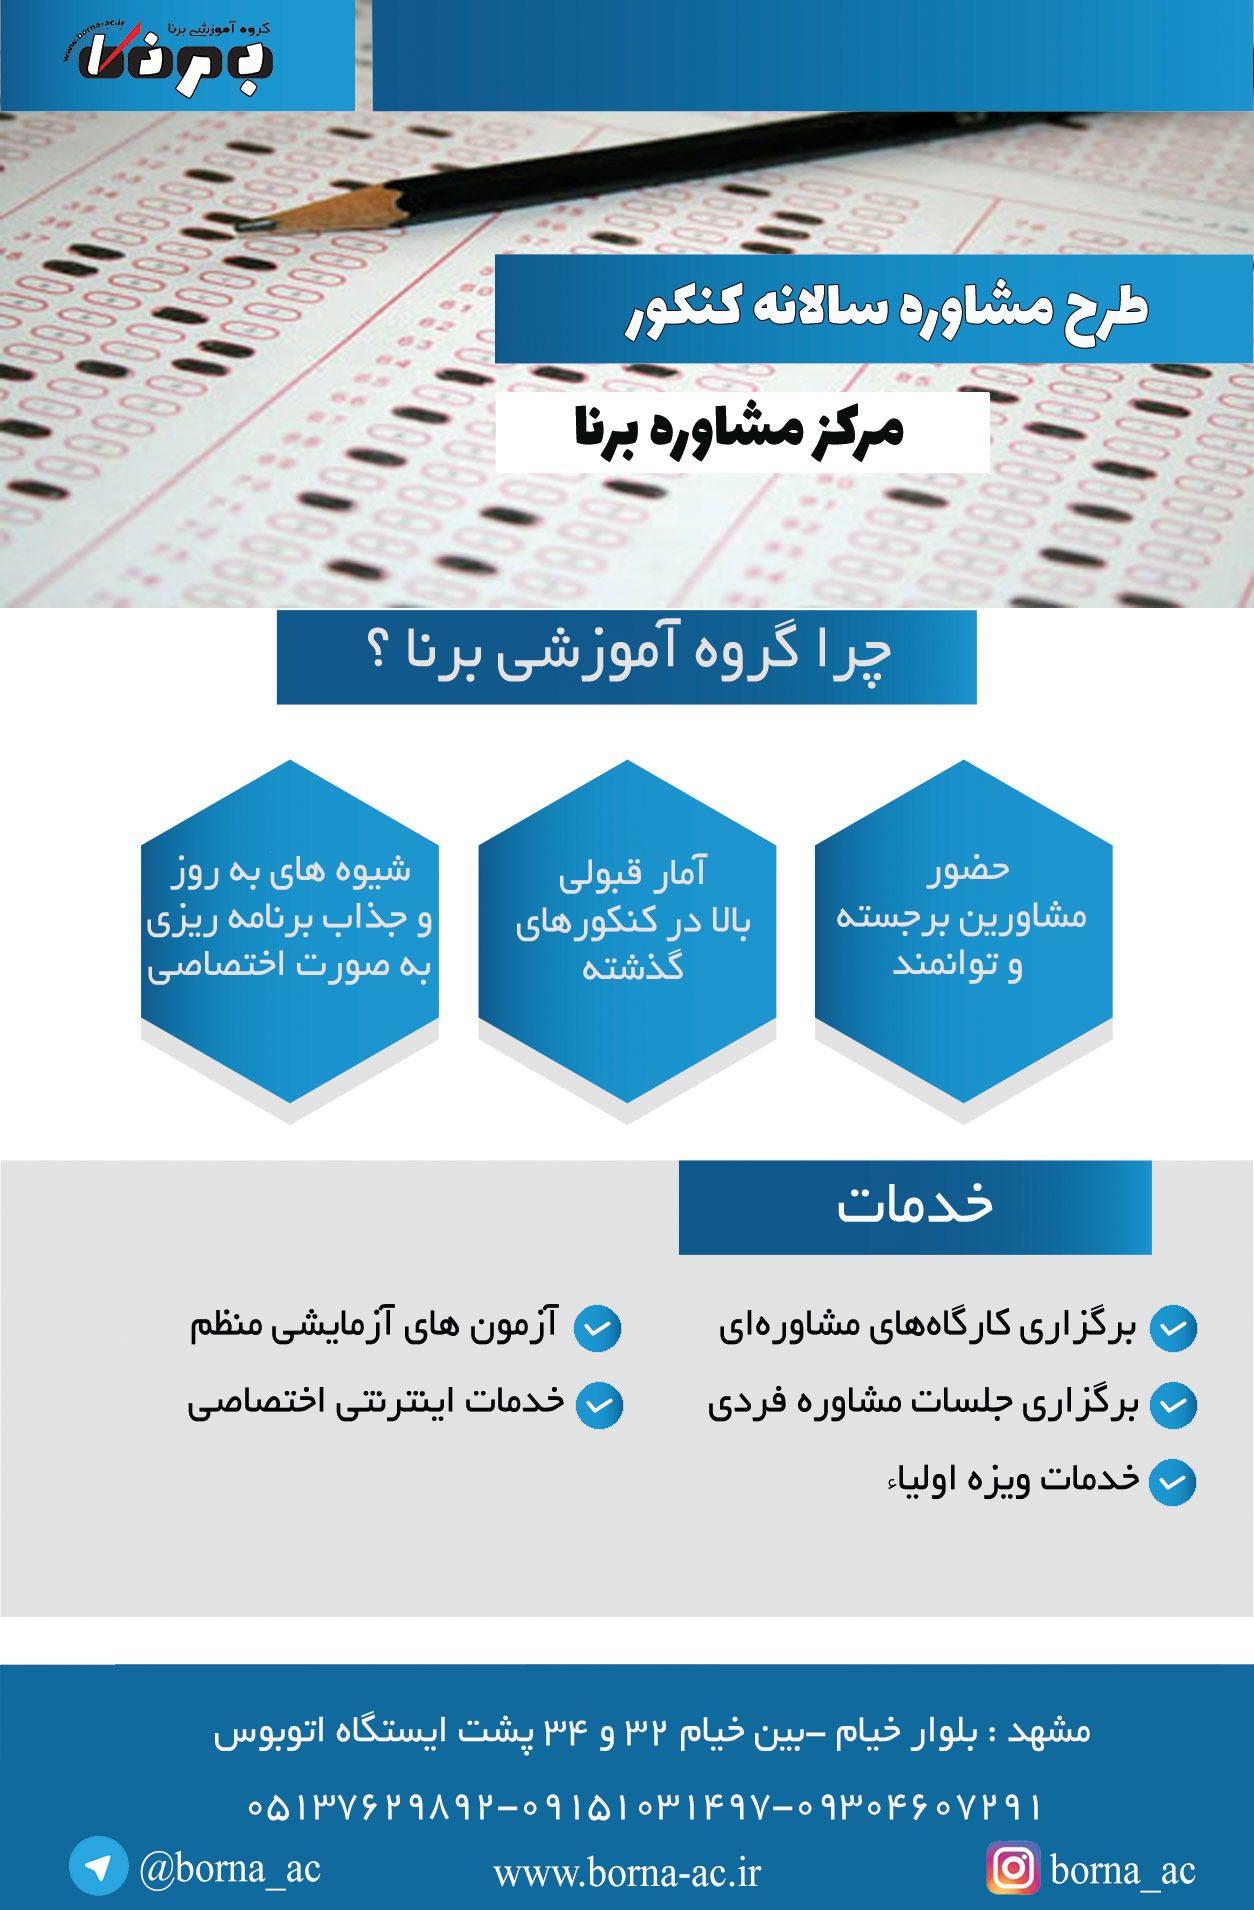 مرکز مشاوره کنکور مشهد